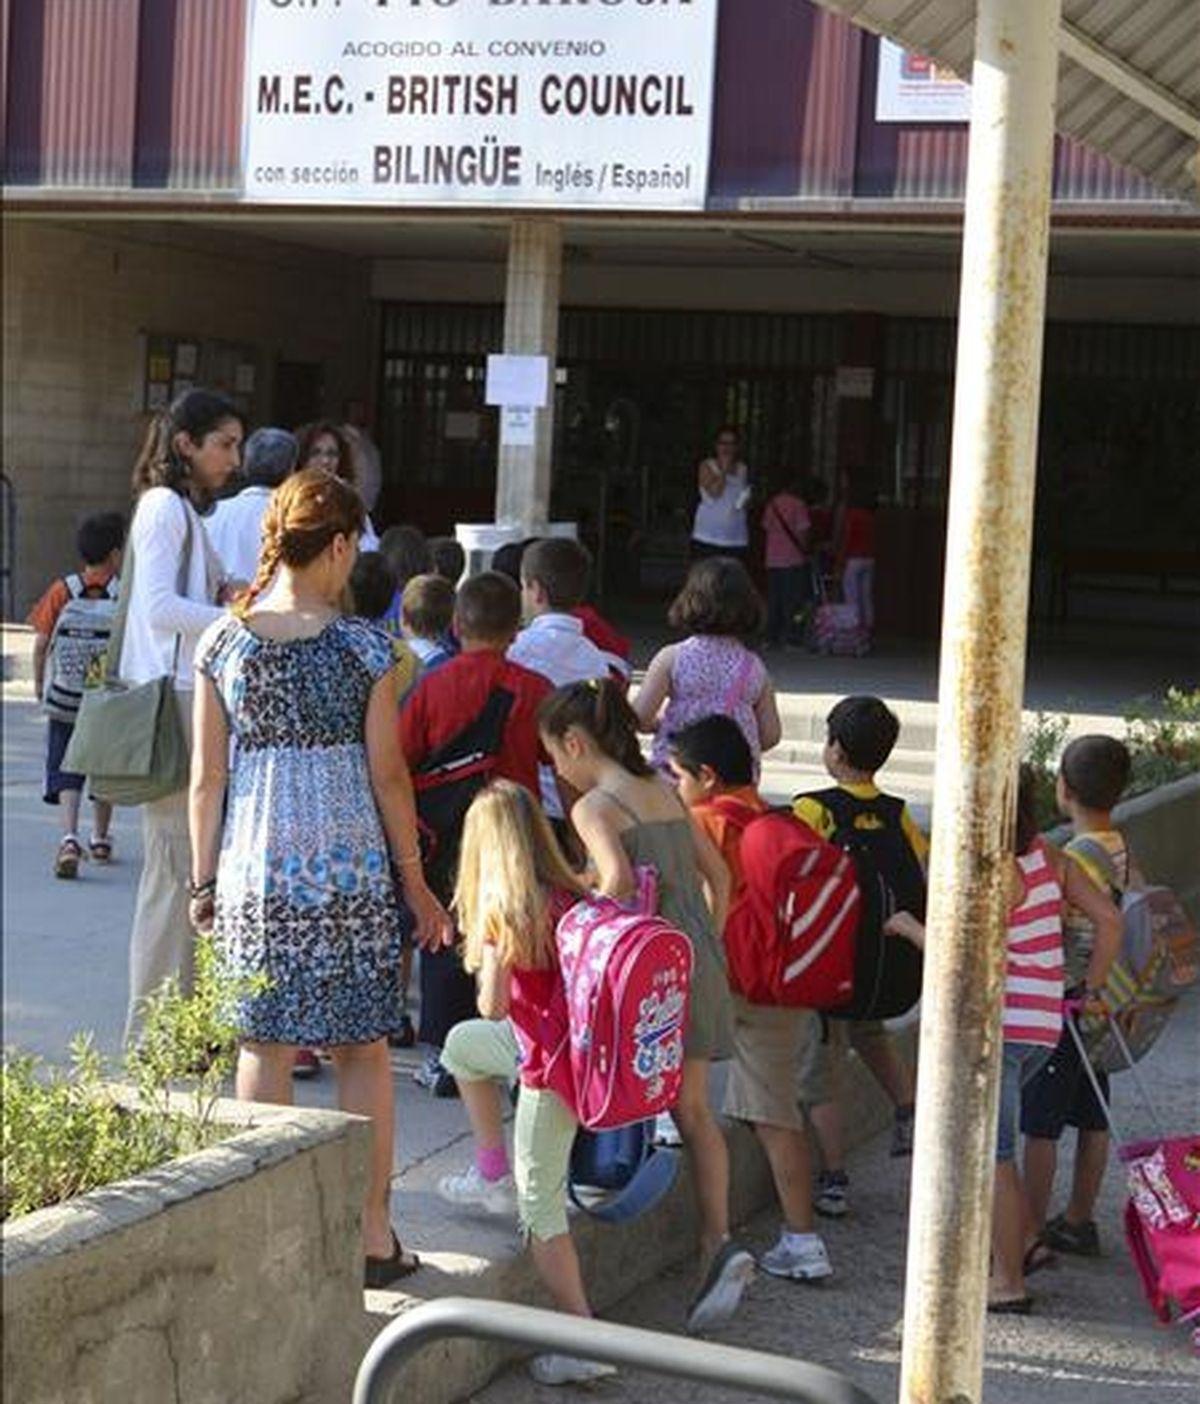 Varios niños entran en el colegio Pío Baroja de Leganés, tras la recomendación realizada ayer por la Comunidad de Madrid a los padres para que sus hijos que se encuentren bien acudieran hoy a clase. En este centro, se ha detectado un caso de la gripe A/H1N1. EFE